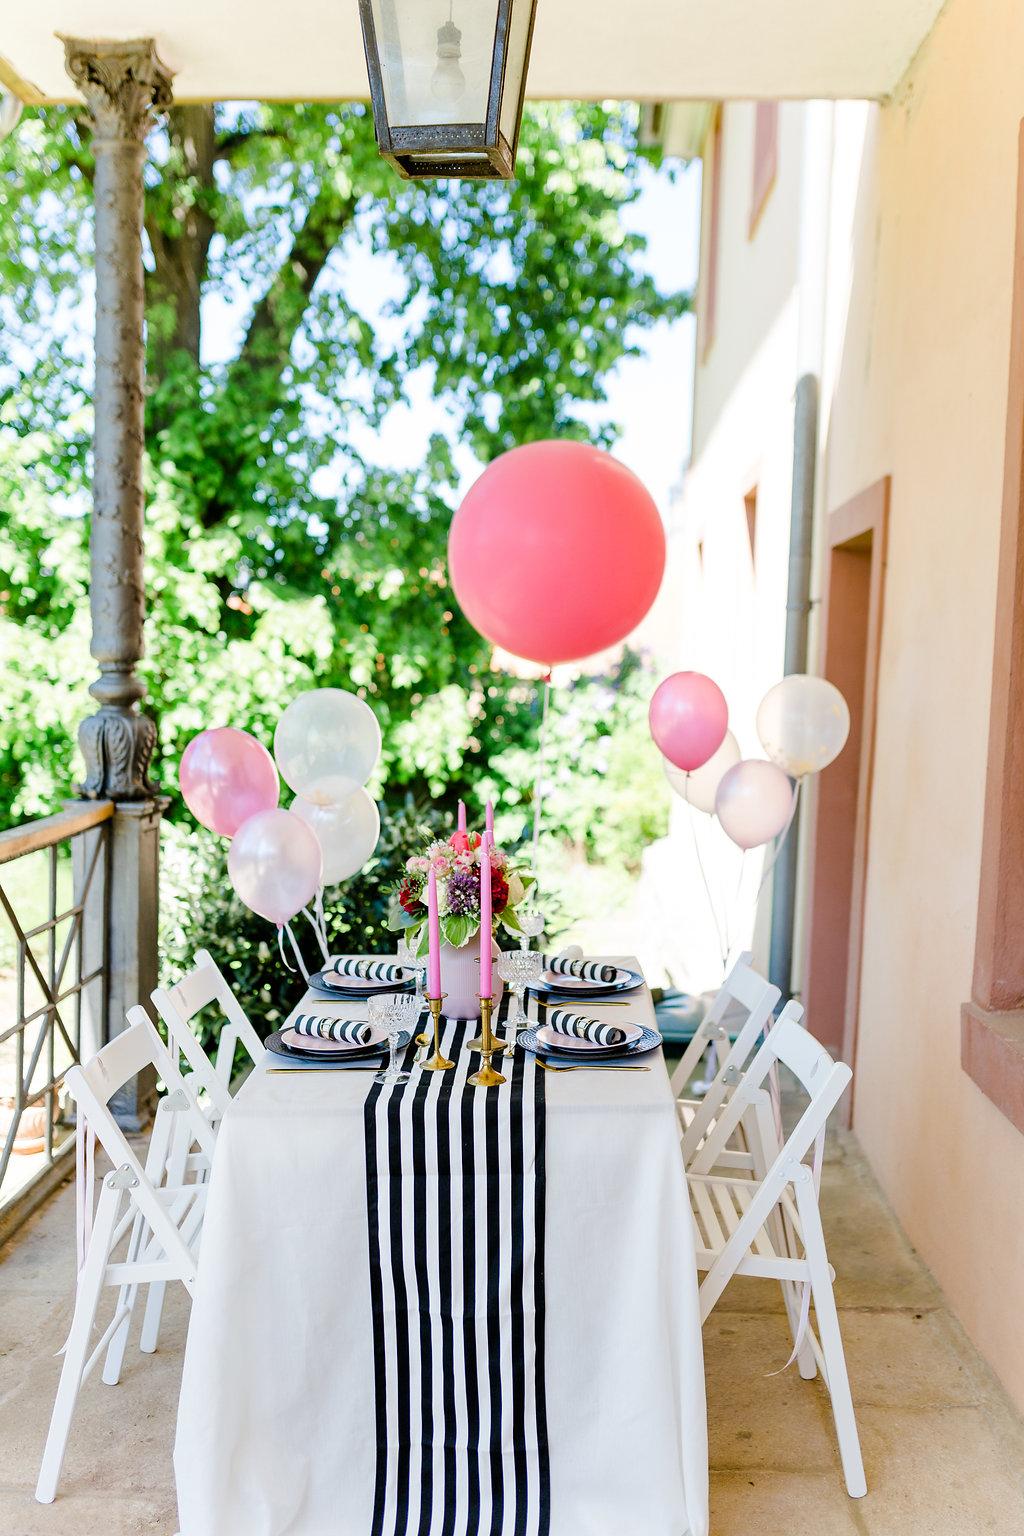 Tischdeko Brautparty, Tischdeko JGA, Tischdeko Junggesellinnenabschied, Tischdeko schwarz weiß gold pink